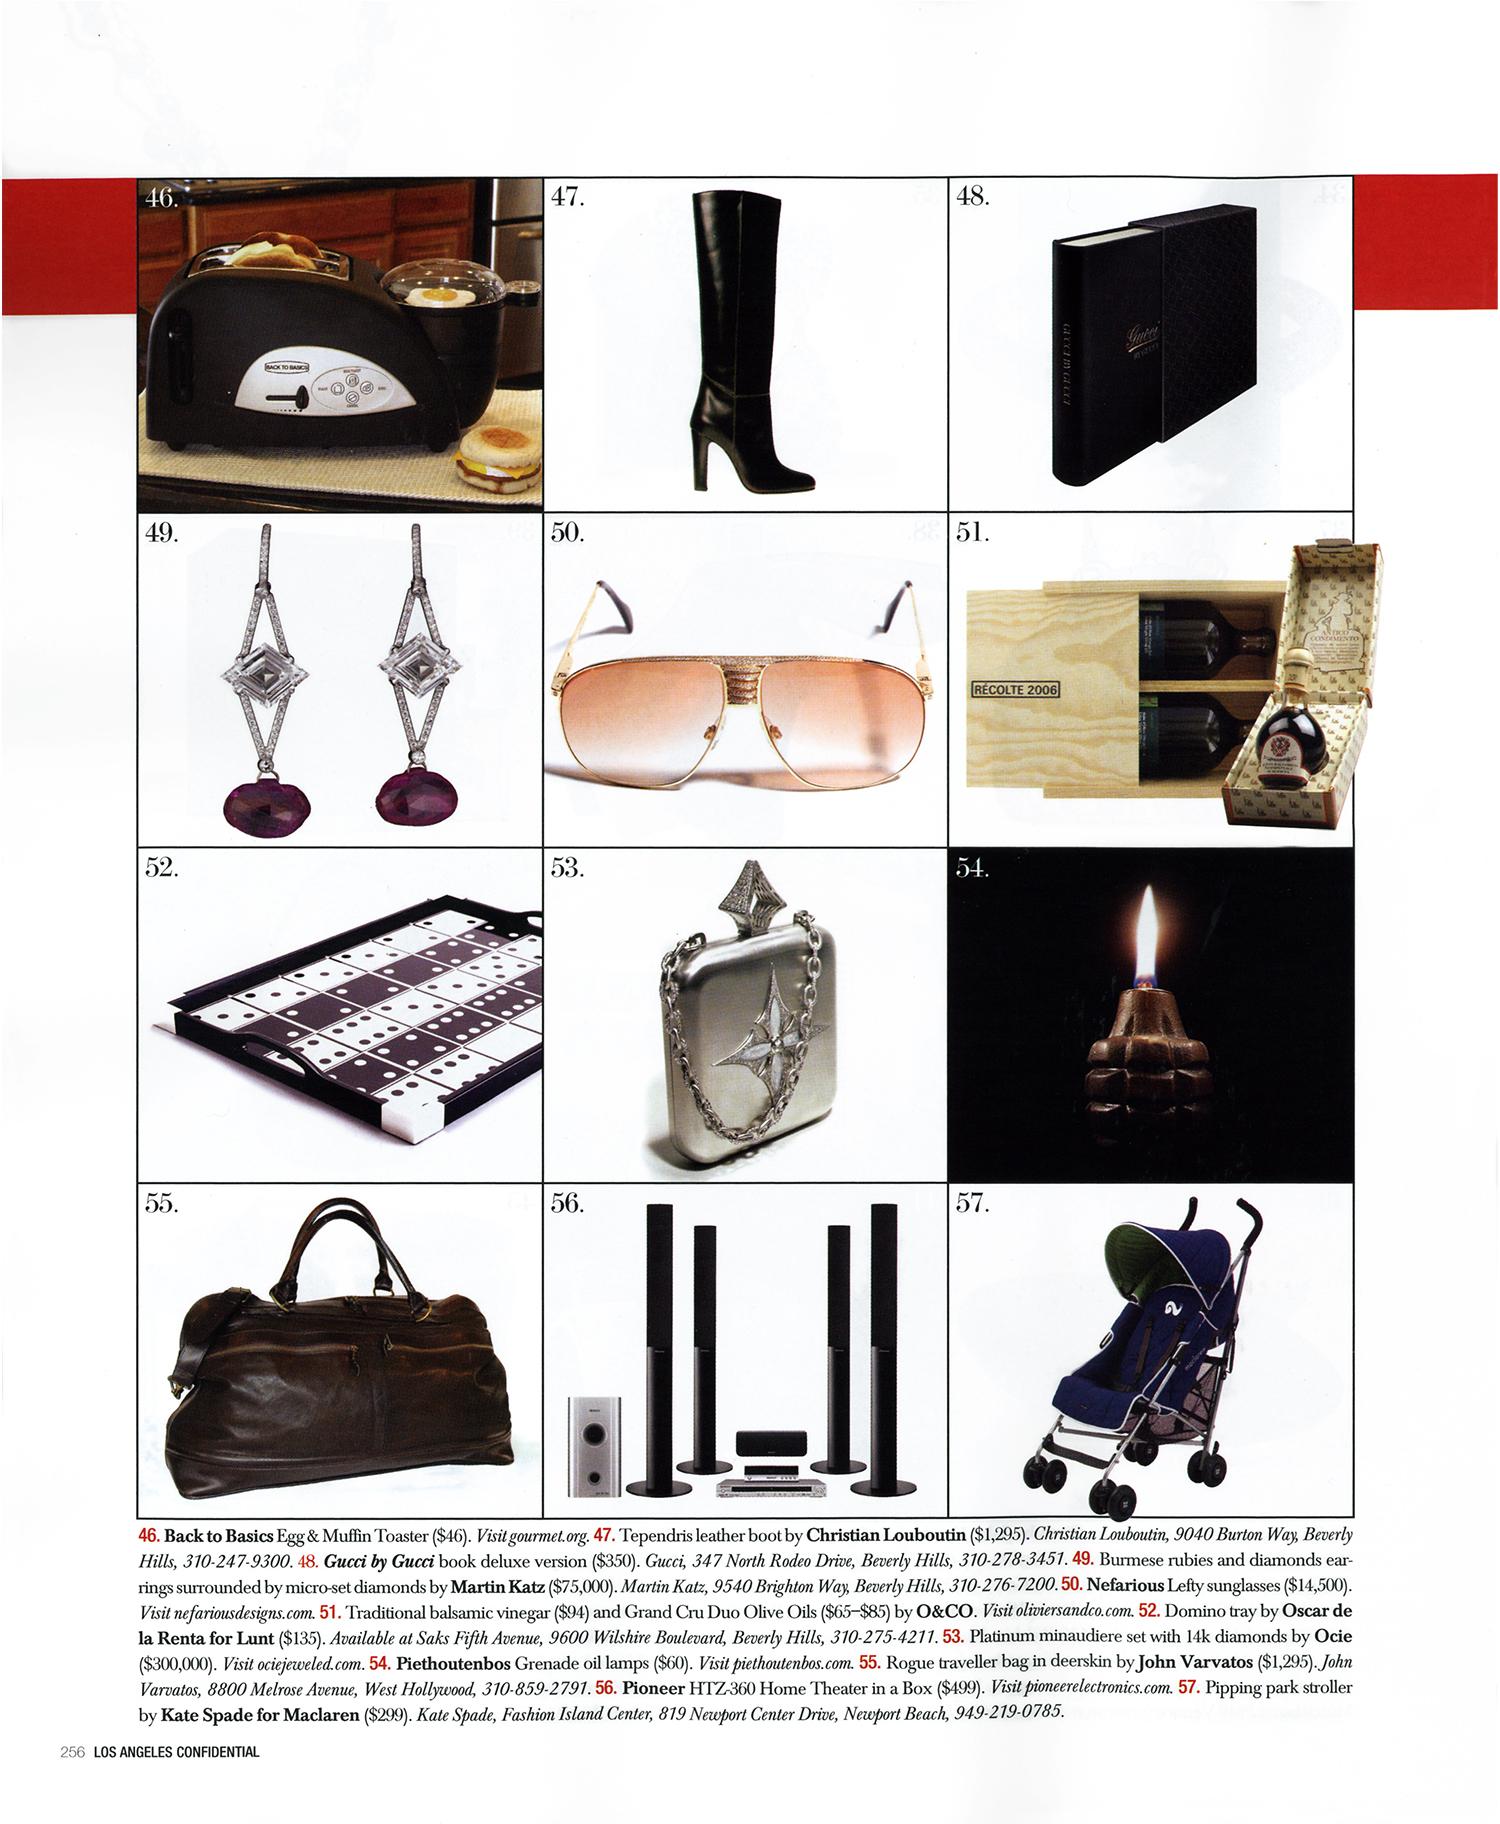 LA Confidential November December 2006